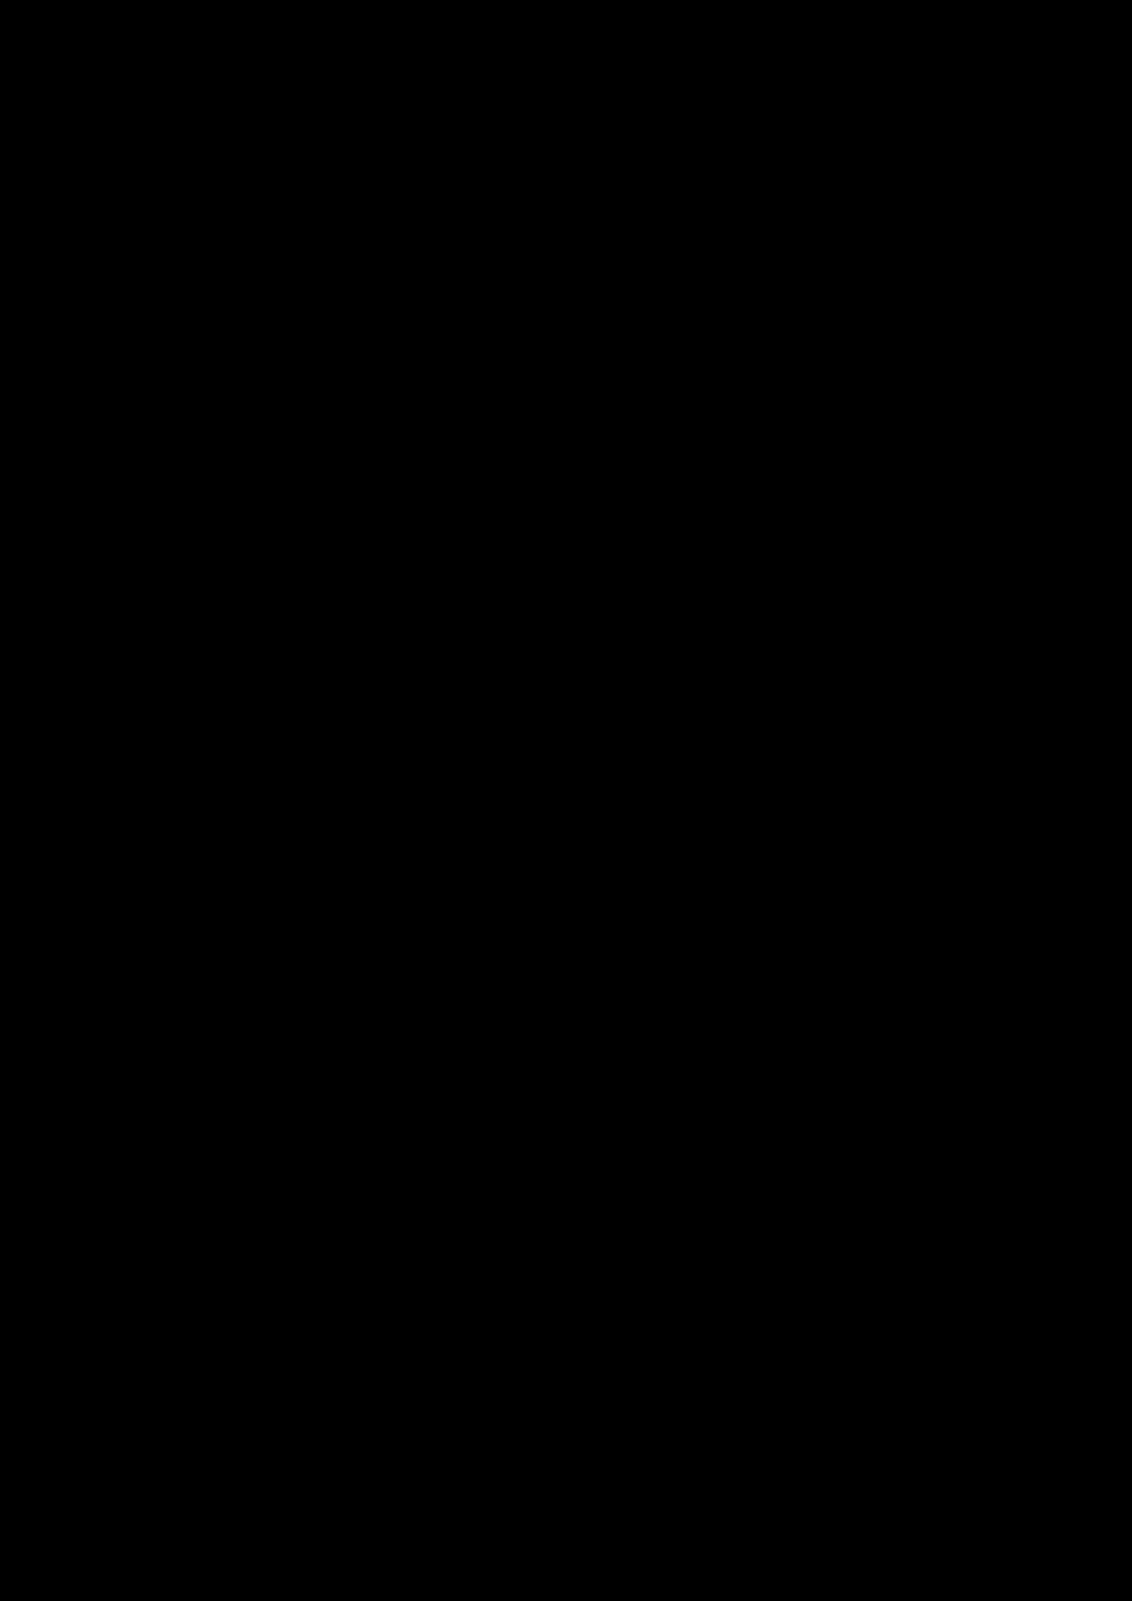 Vyibor Est slide, Image 23